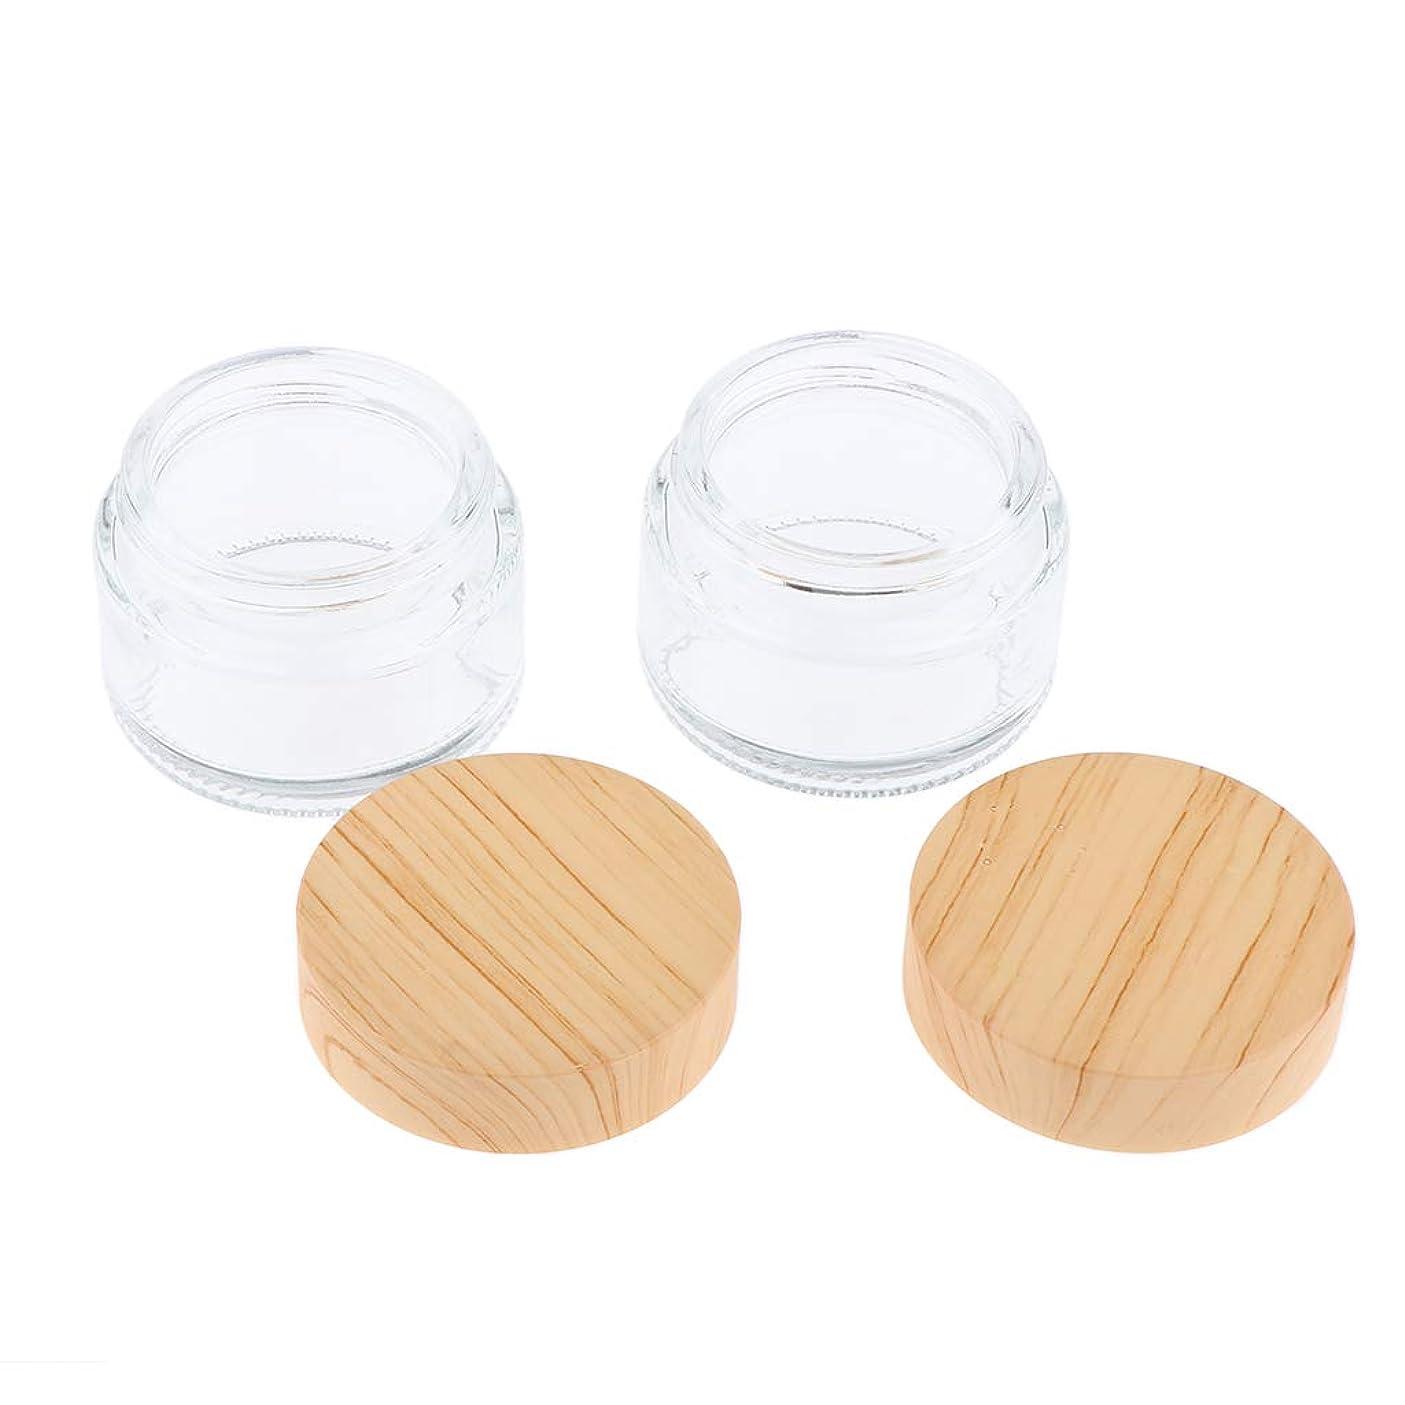 タヒチ大学院ジャングルIPOTCH 2個 化粧ポット コスメ ローション クリーム ジェル クリア 詰替え容器 5サイズ選べ - 30g